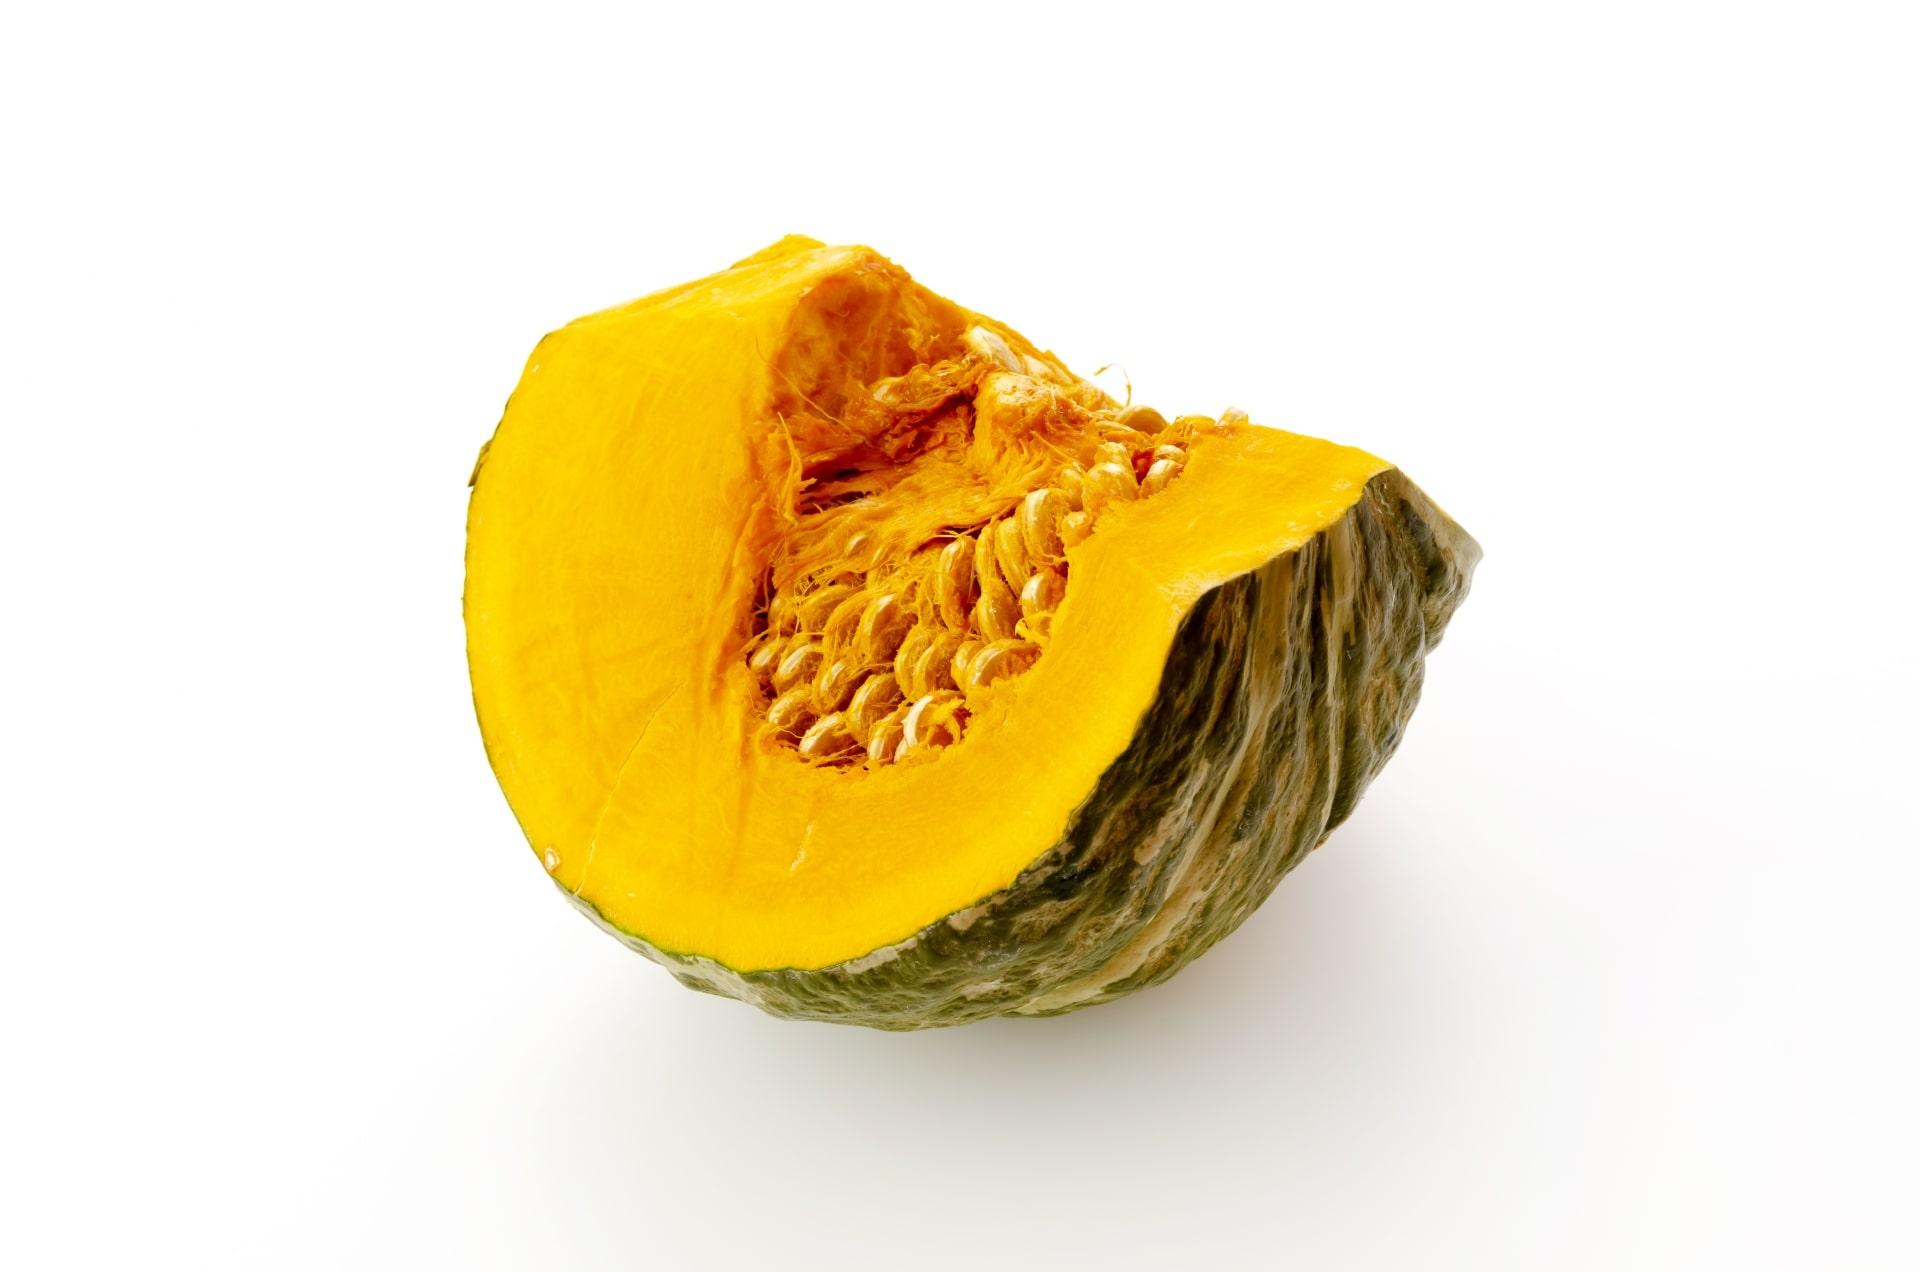 かぼちゃ【コリンキー】生で食べることができます!